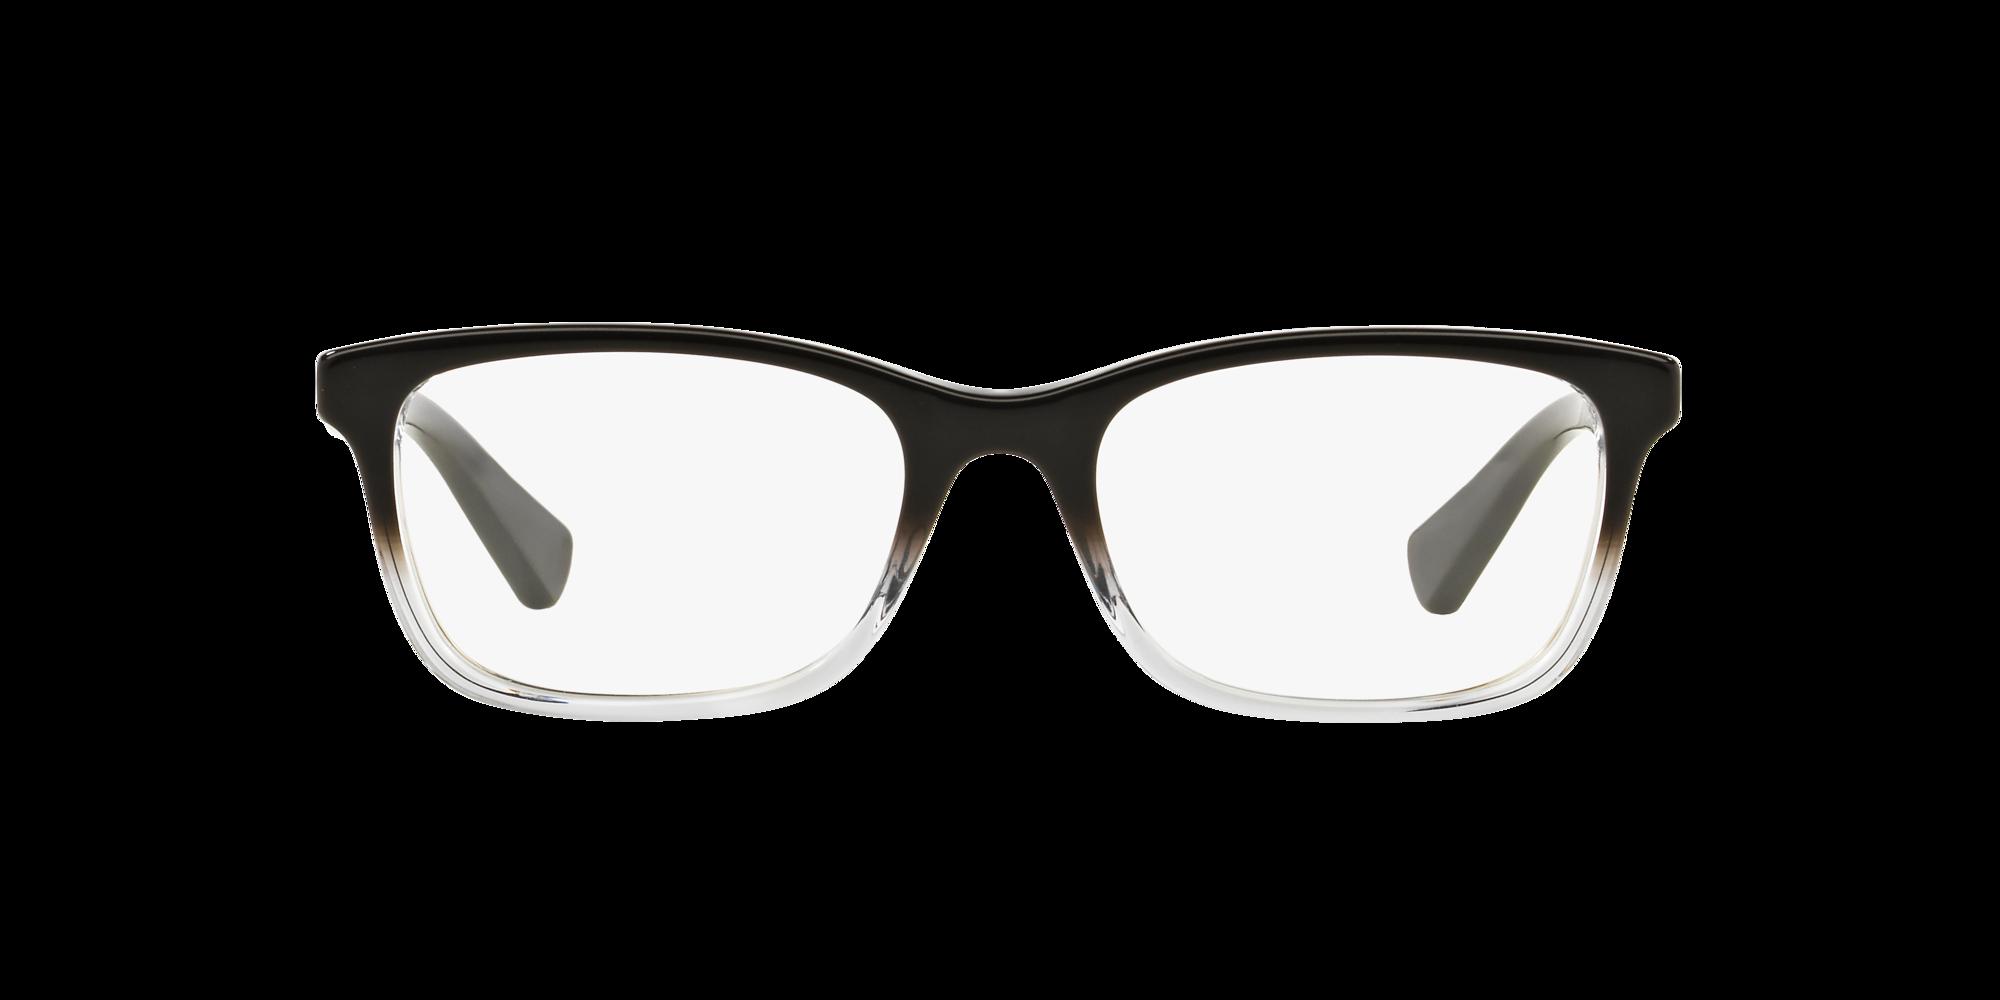 Imagen para RA7069 de LensCrafters |  Espejuelos, espejuelos graduados en línea, gafas